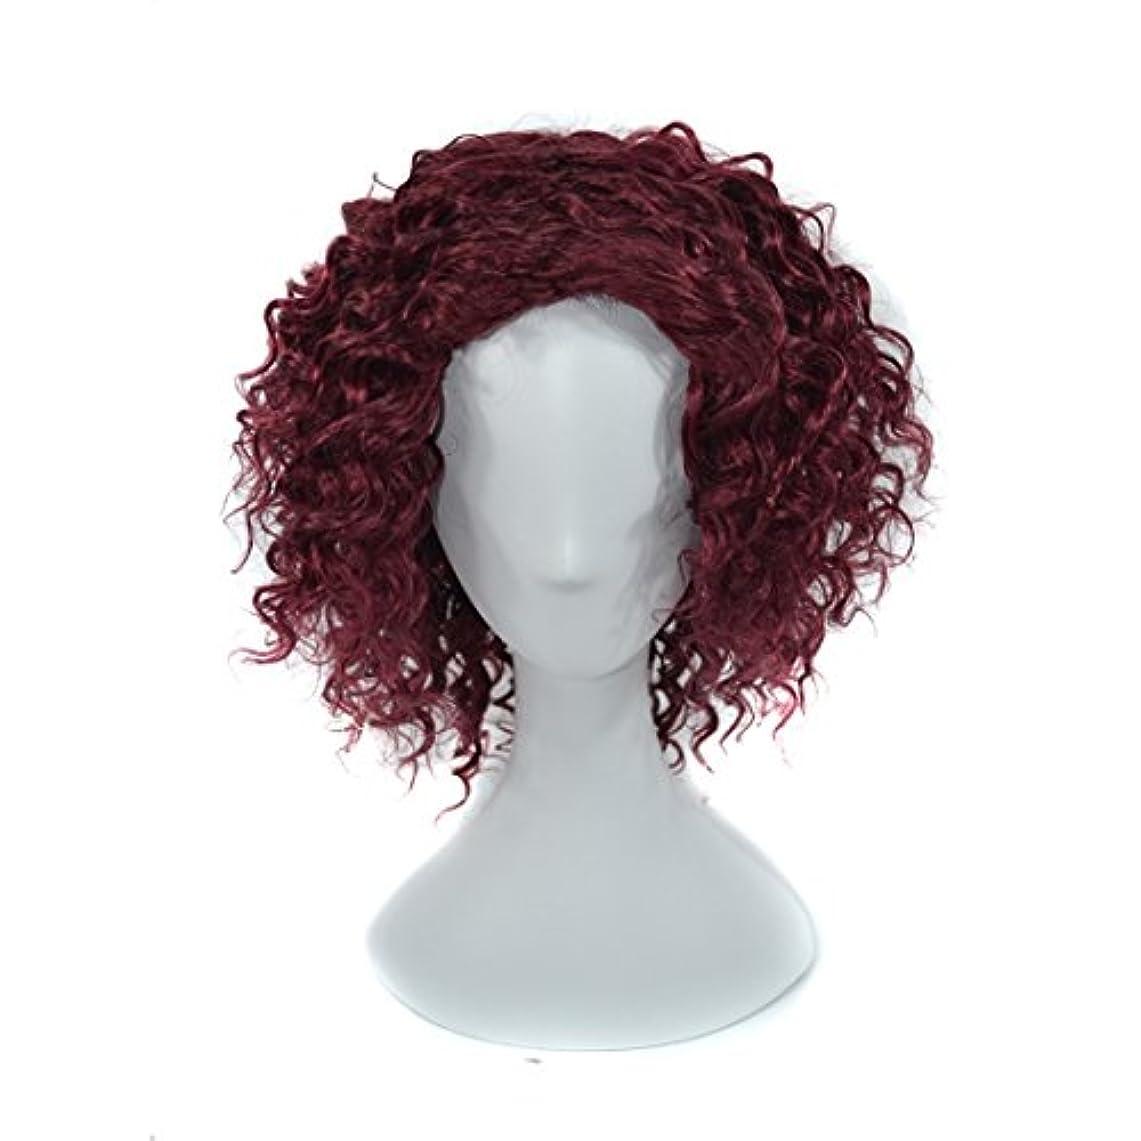 対応恥トークンYOUQIU 女性の赤ワイン用16インチヒト小カーリーヘアは220グラムかつら合成デイリーウィッグ傾斜前髪で染色カーリーウィッグことはできません (色 : Red wine)